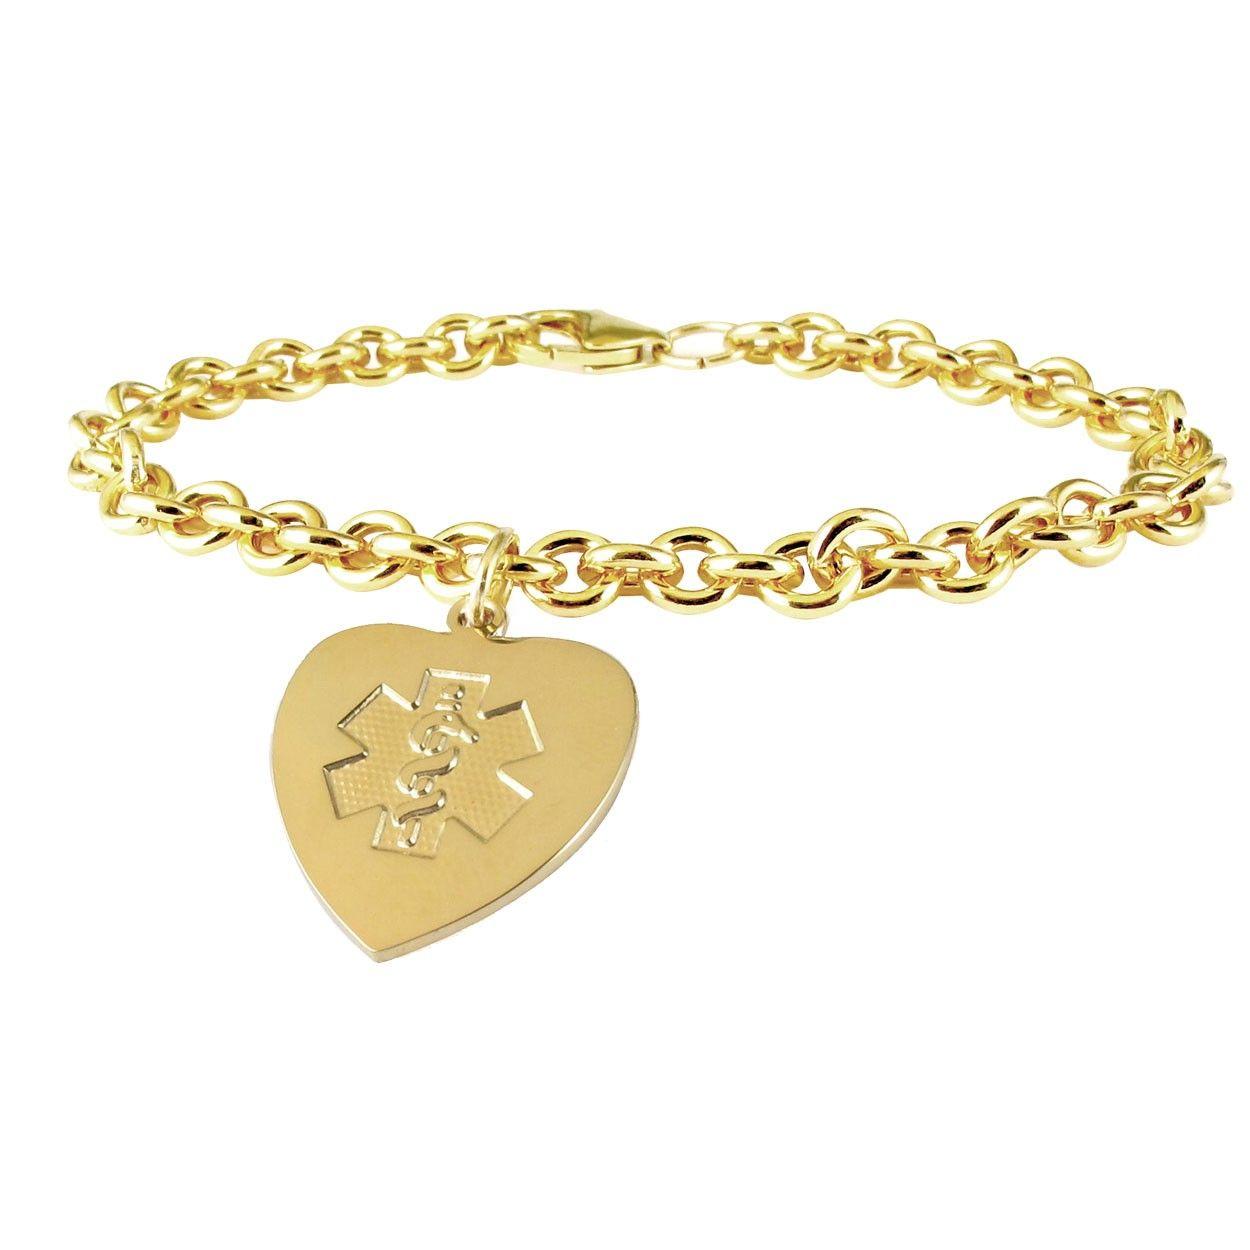 10k Gold Filled Heart Charm Bracelet Charm Bracelet Heart Charm Bracelet Gold Charm Bracelet